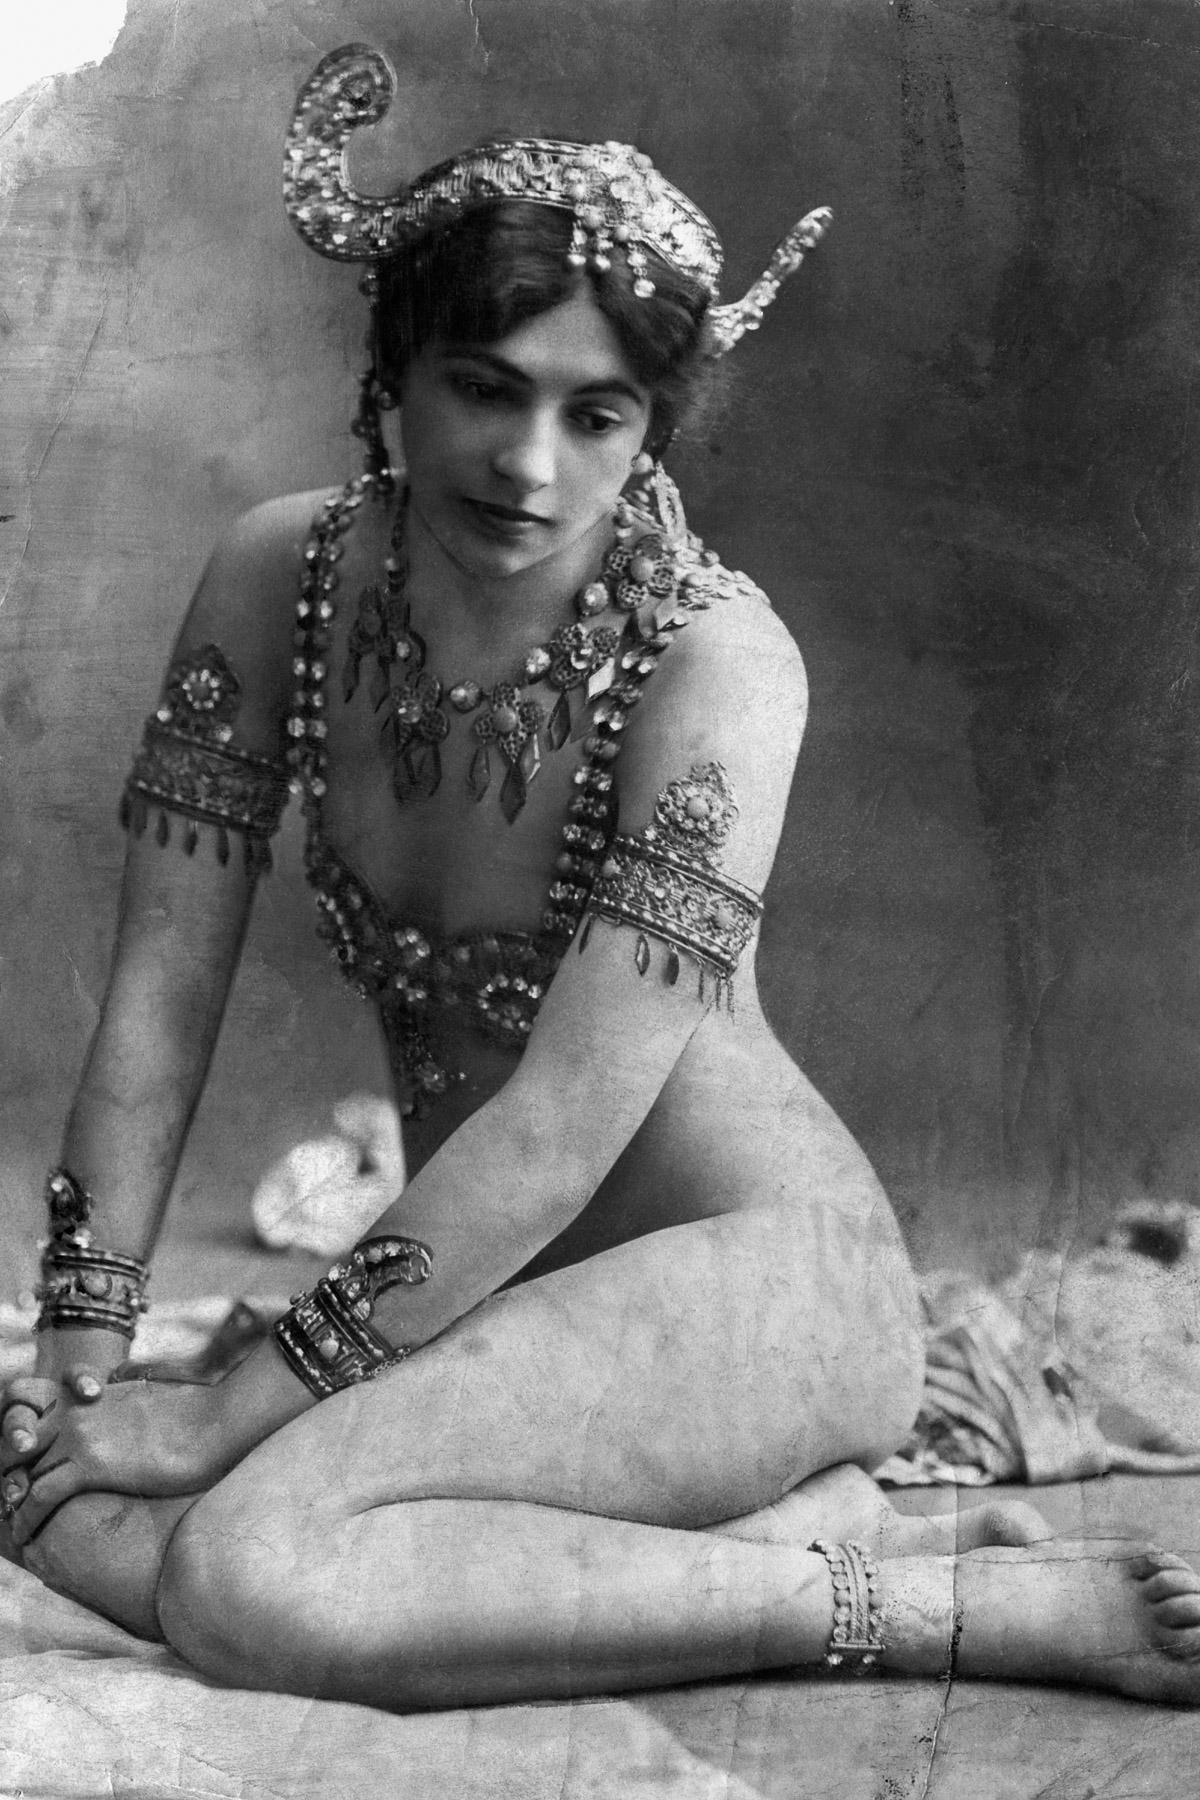 Зарабатывая неплохие деньги на растущей популярности восточных шоу, Маргарета взяла себе сценический